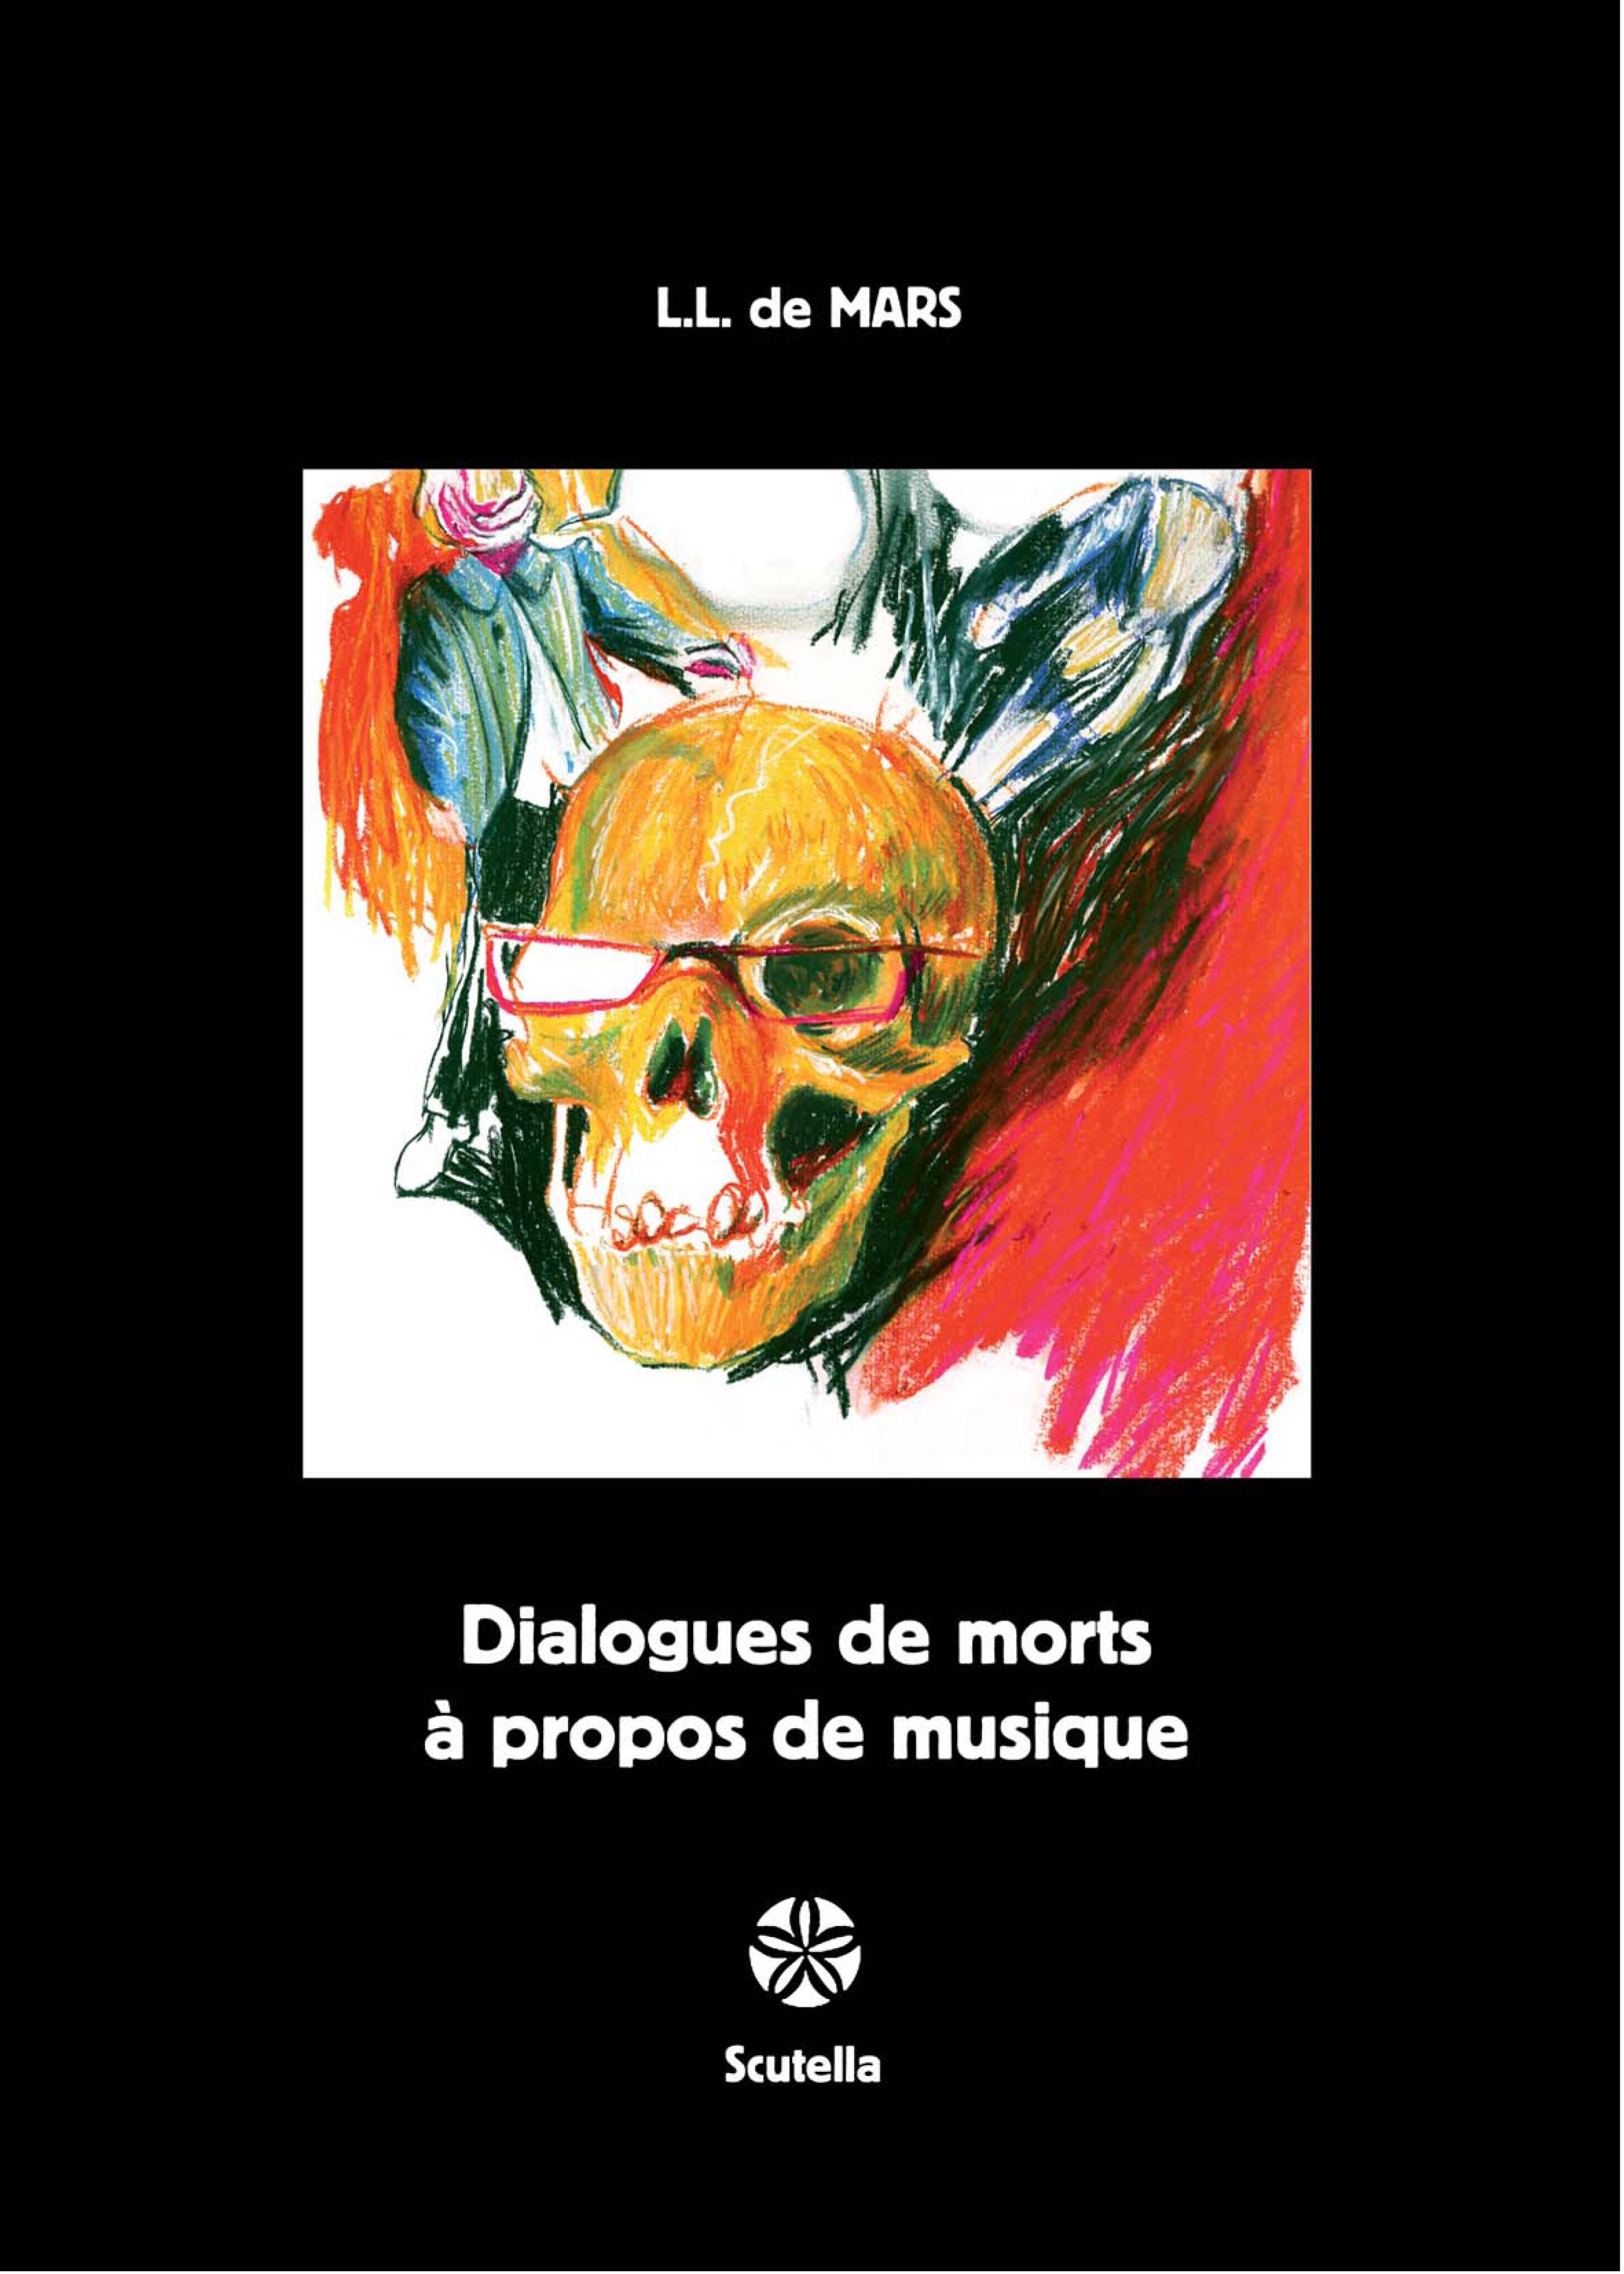 Couverture de la bande-dessinée Dialogues de Morts par L.L de Mars